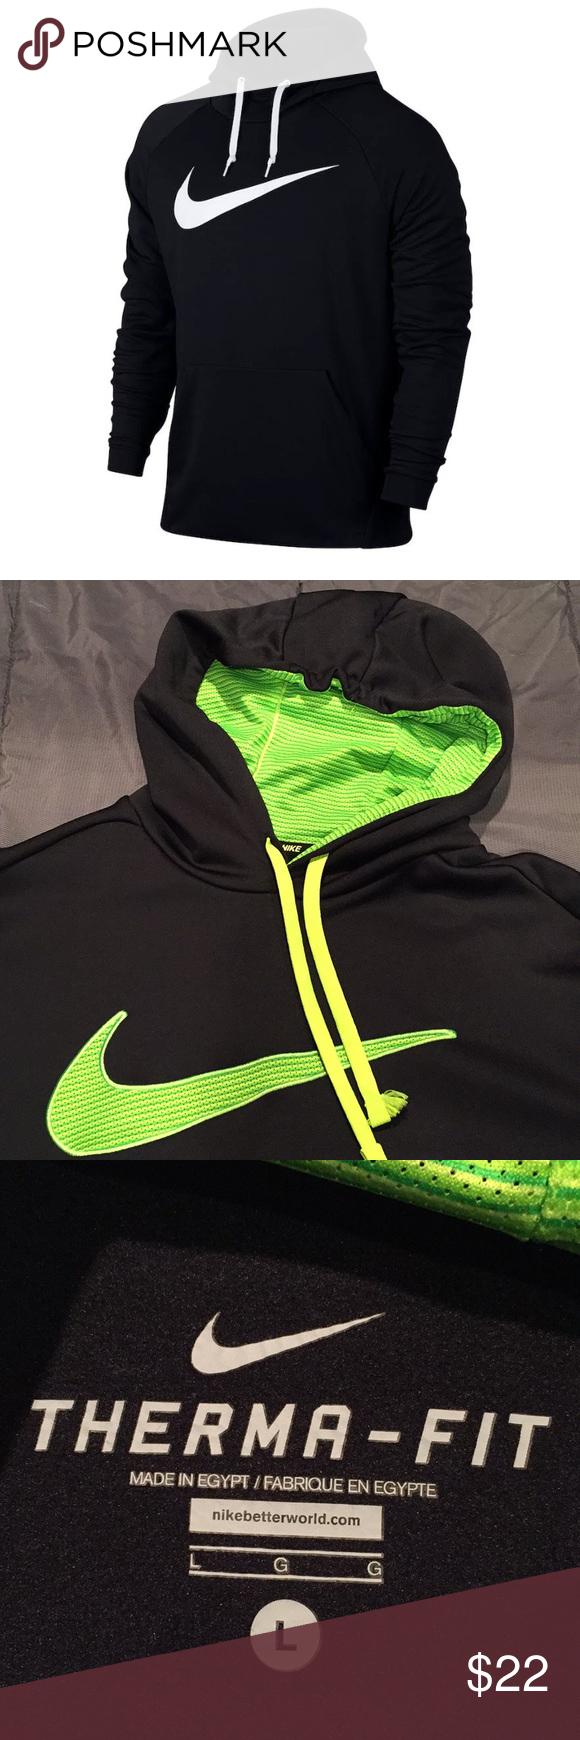 Men S Nike Sweatshirt Nike Sweatshirts Nike Black Nikes [ 1740 x 580 Pixel ]